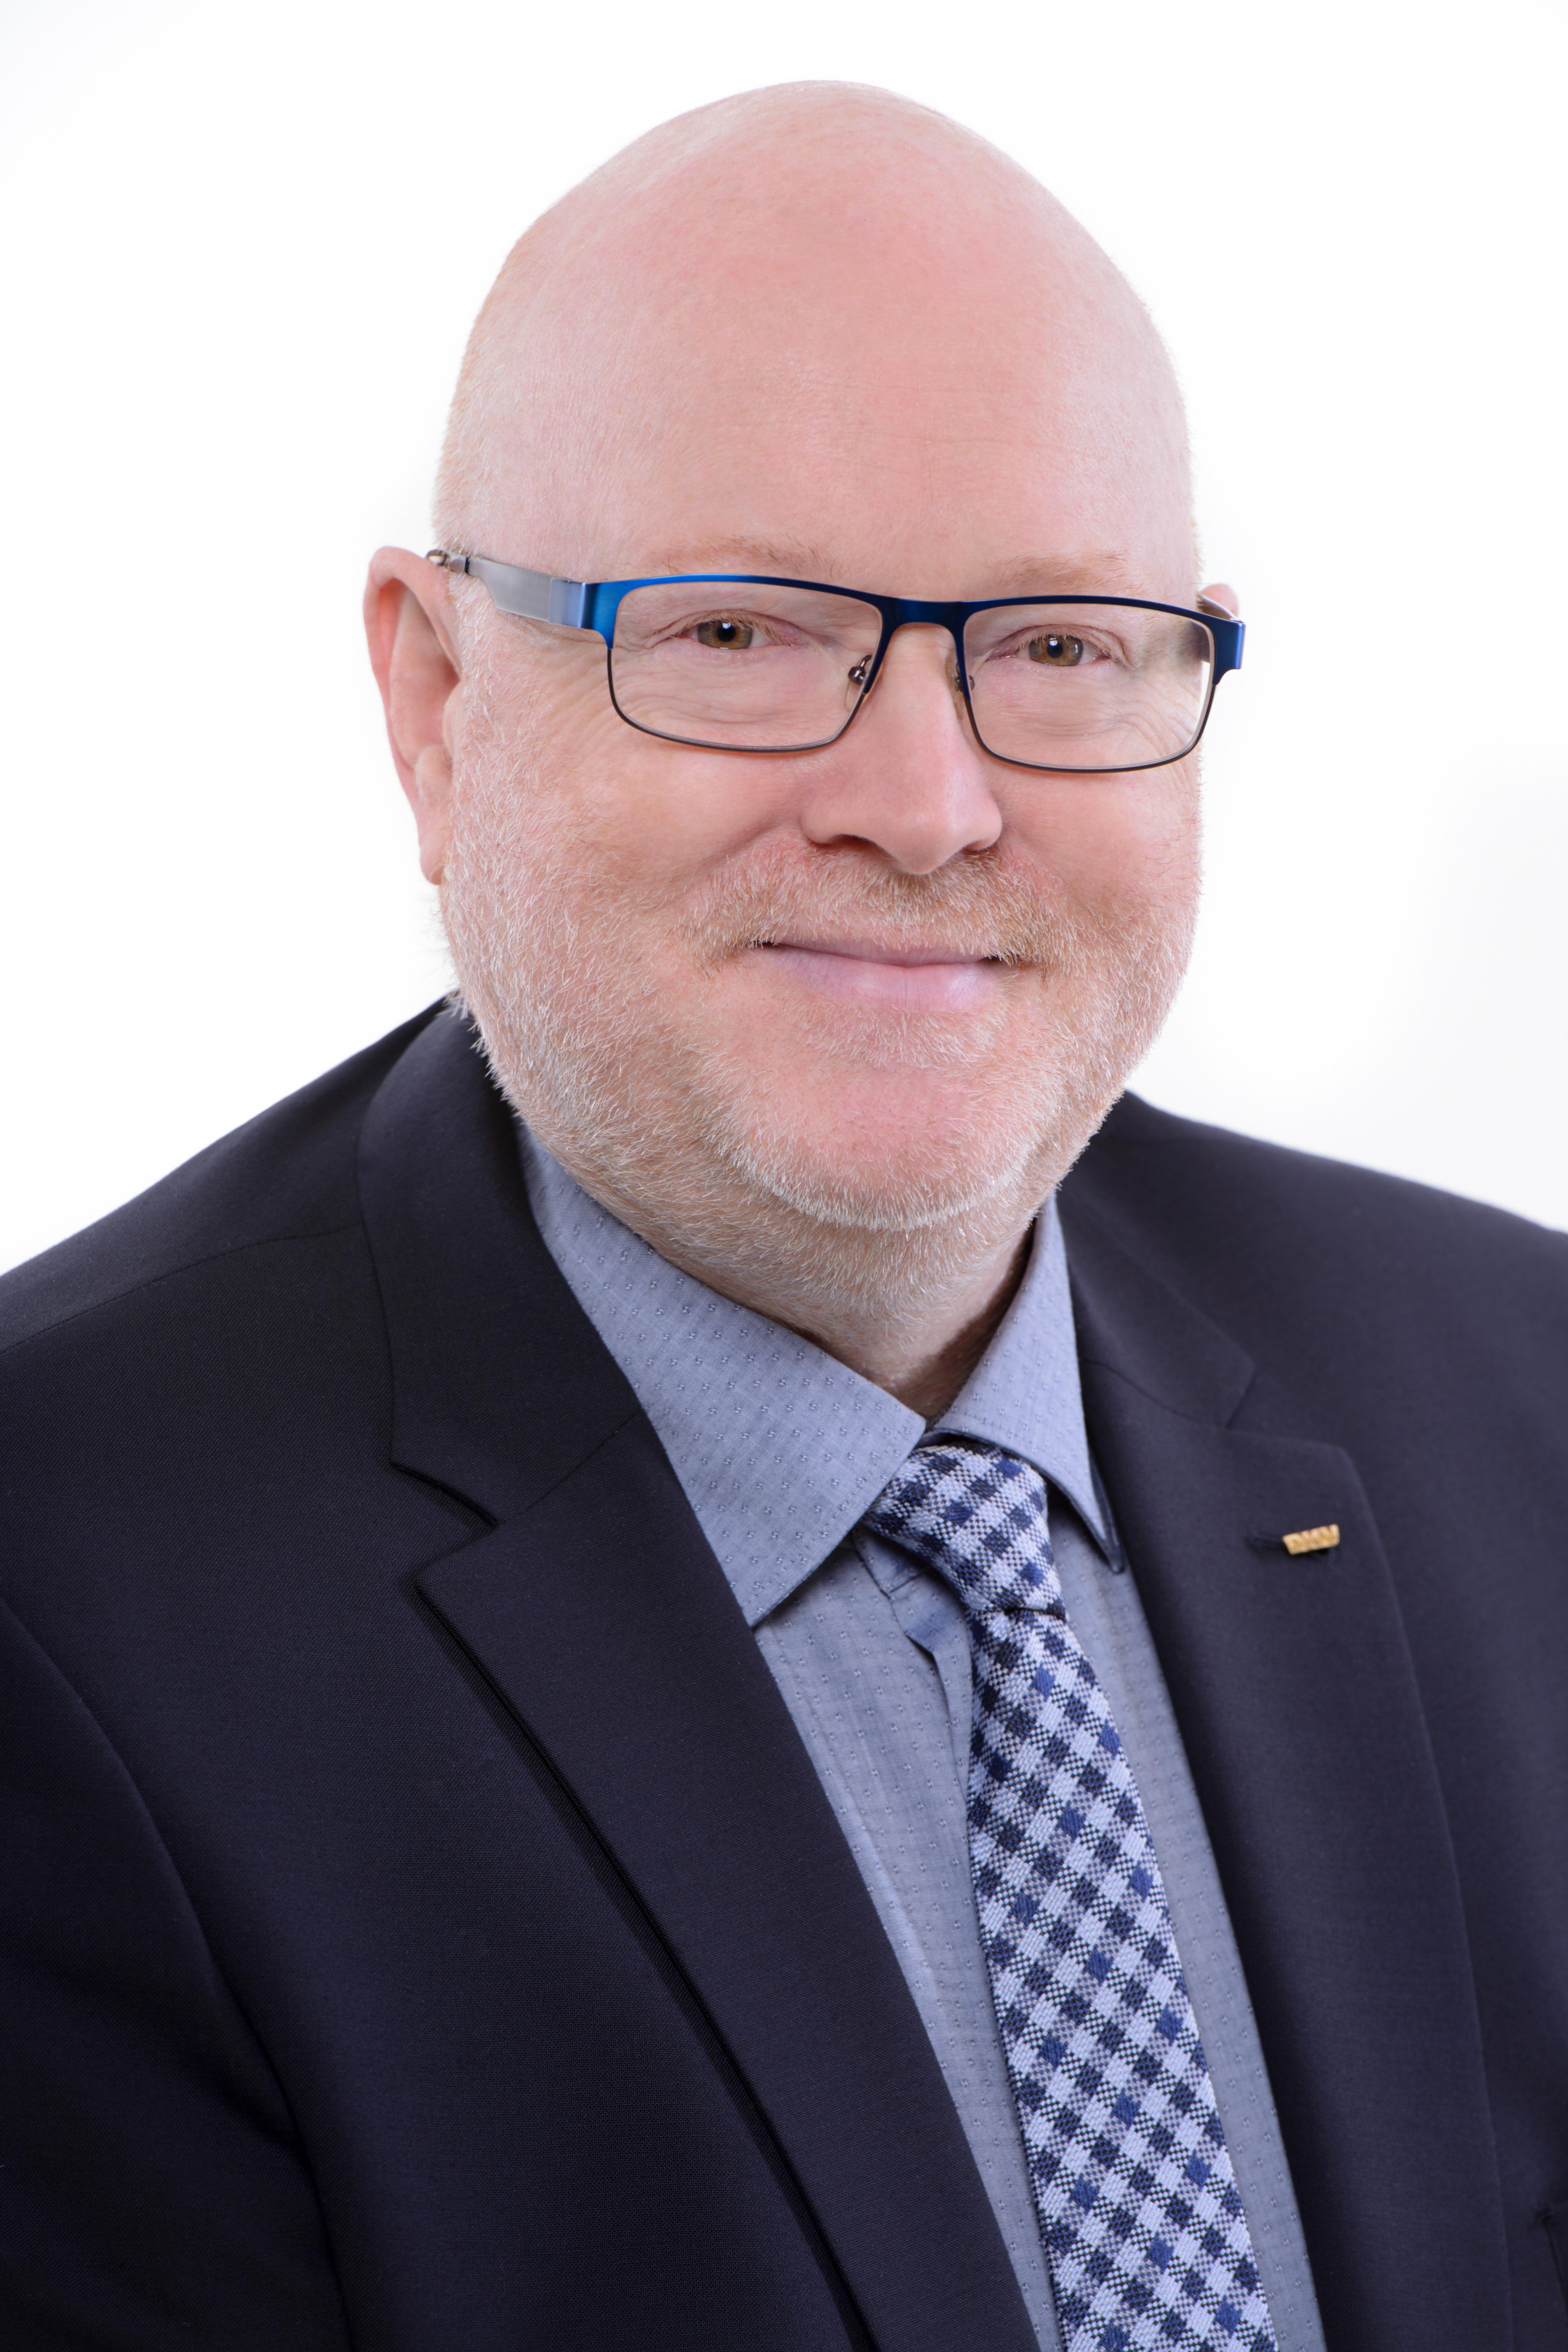 DKV Deutsche Krankenversicherung Ralf Schindler Mannheim